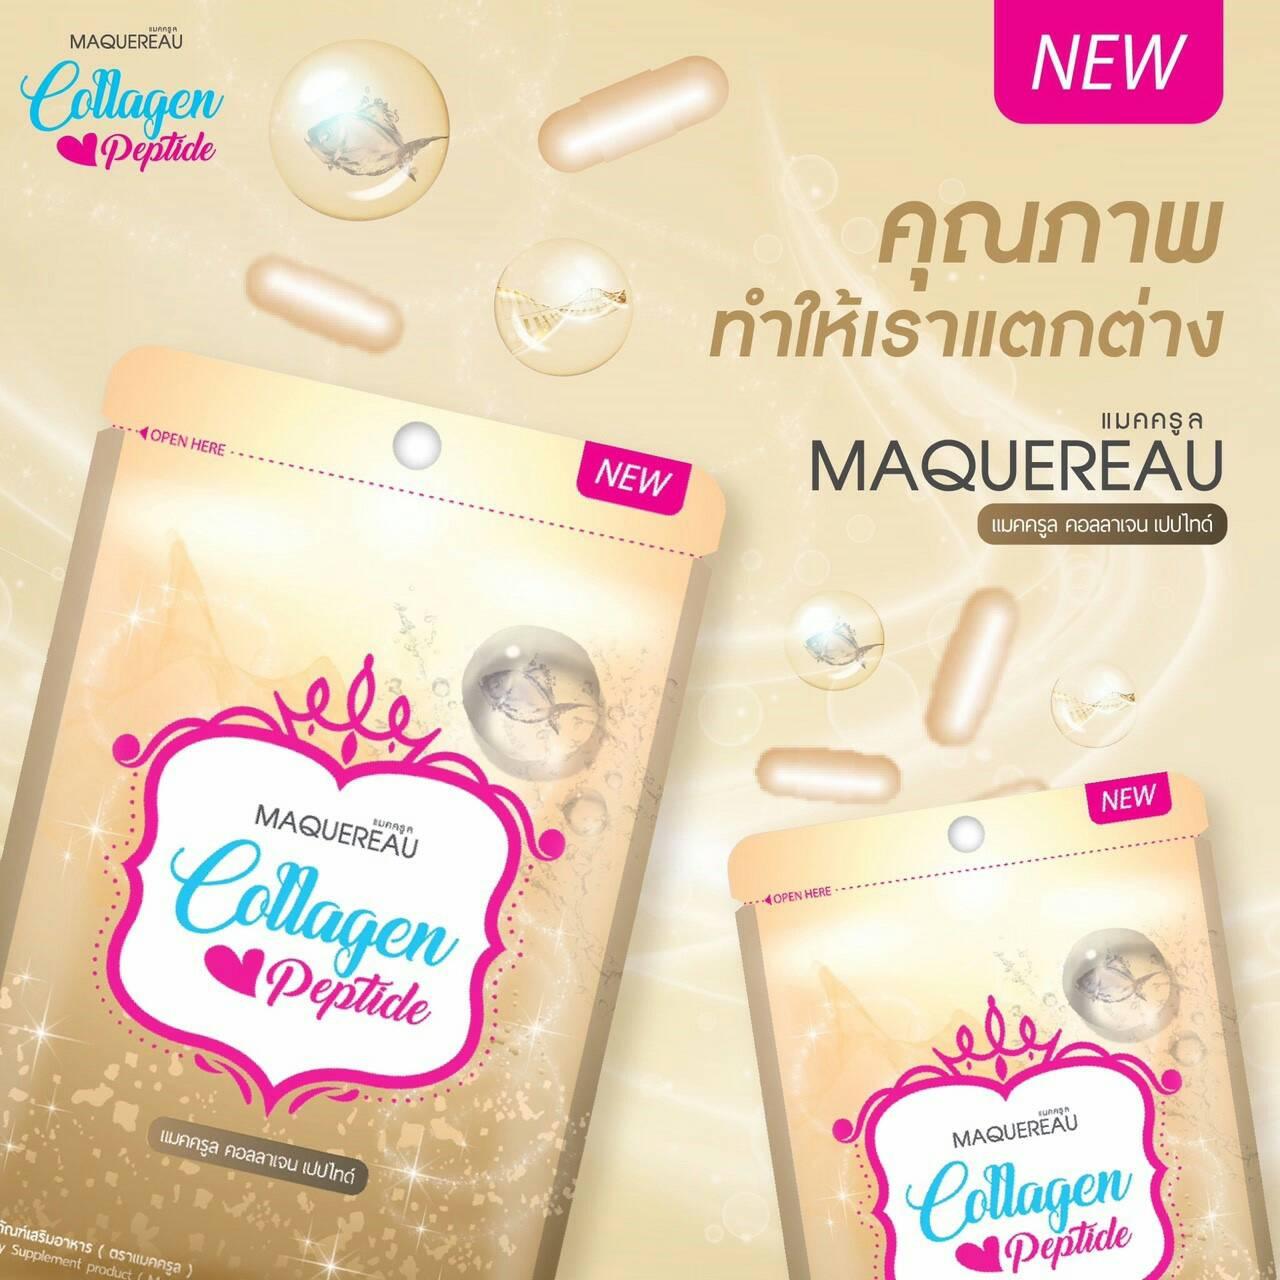 MAQUEREAU Collagen Pure Pure แมคครูล คอลลาเจน เพียว เพียว